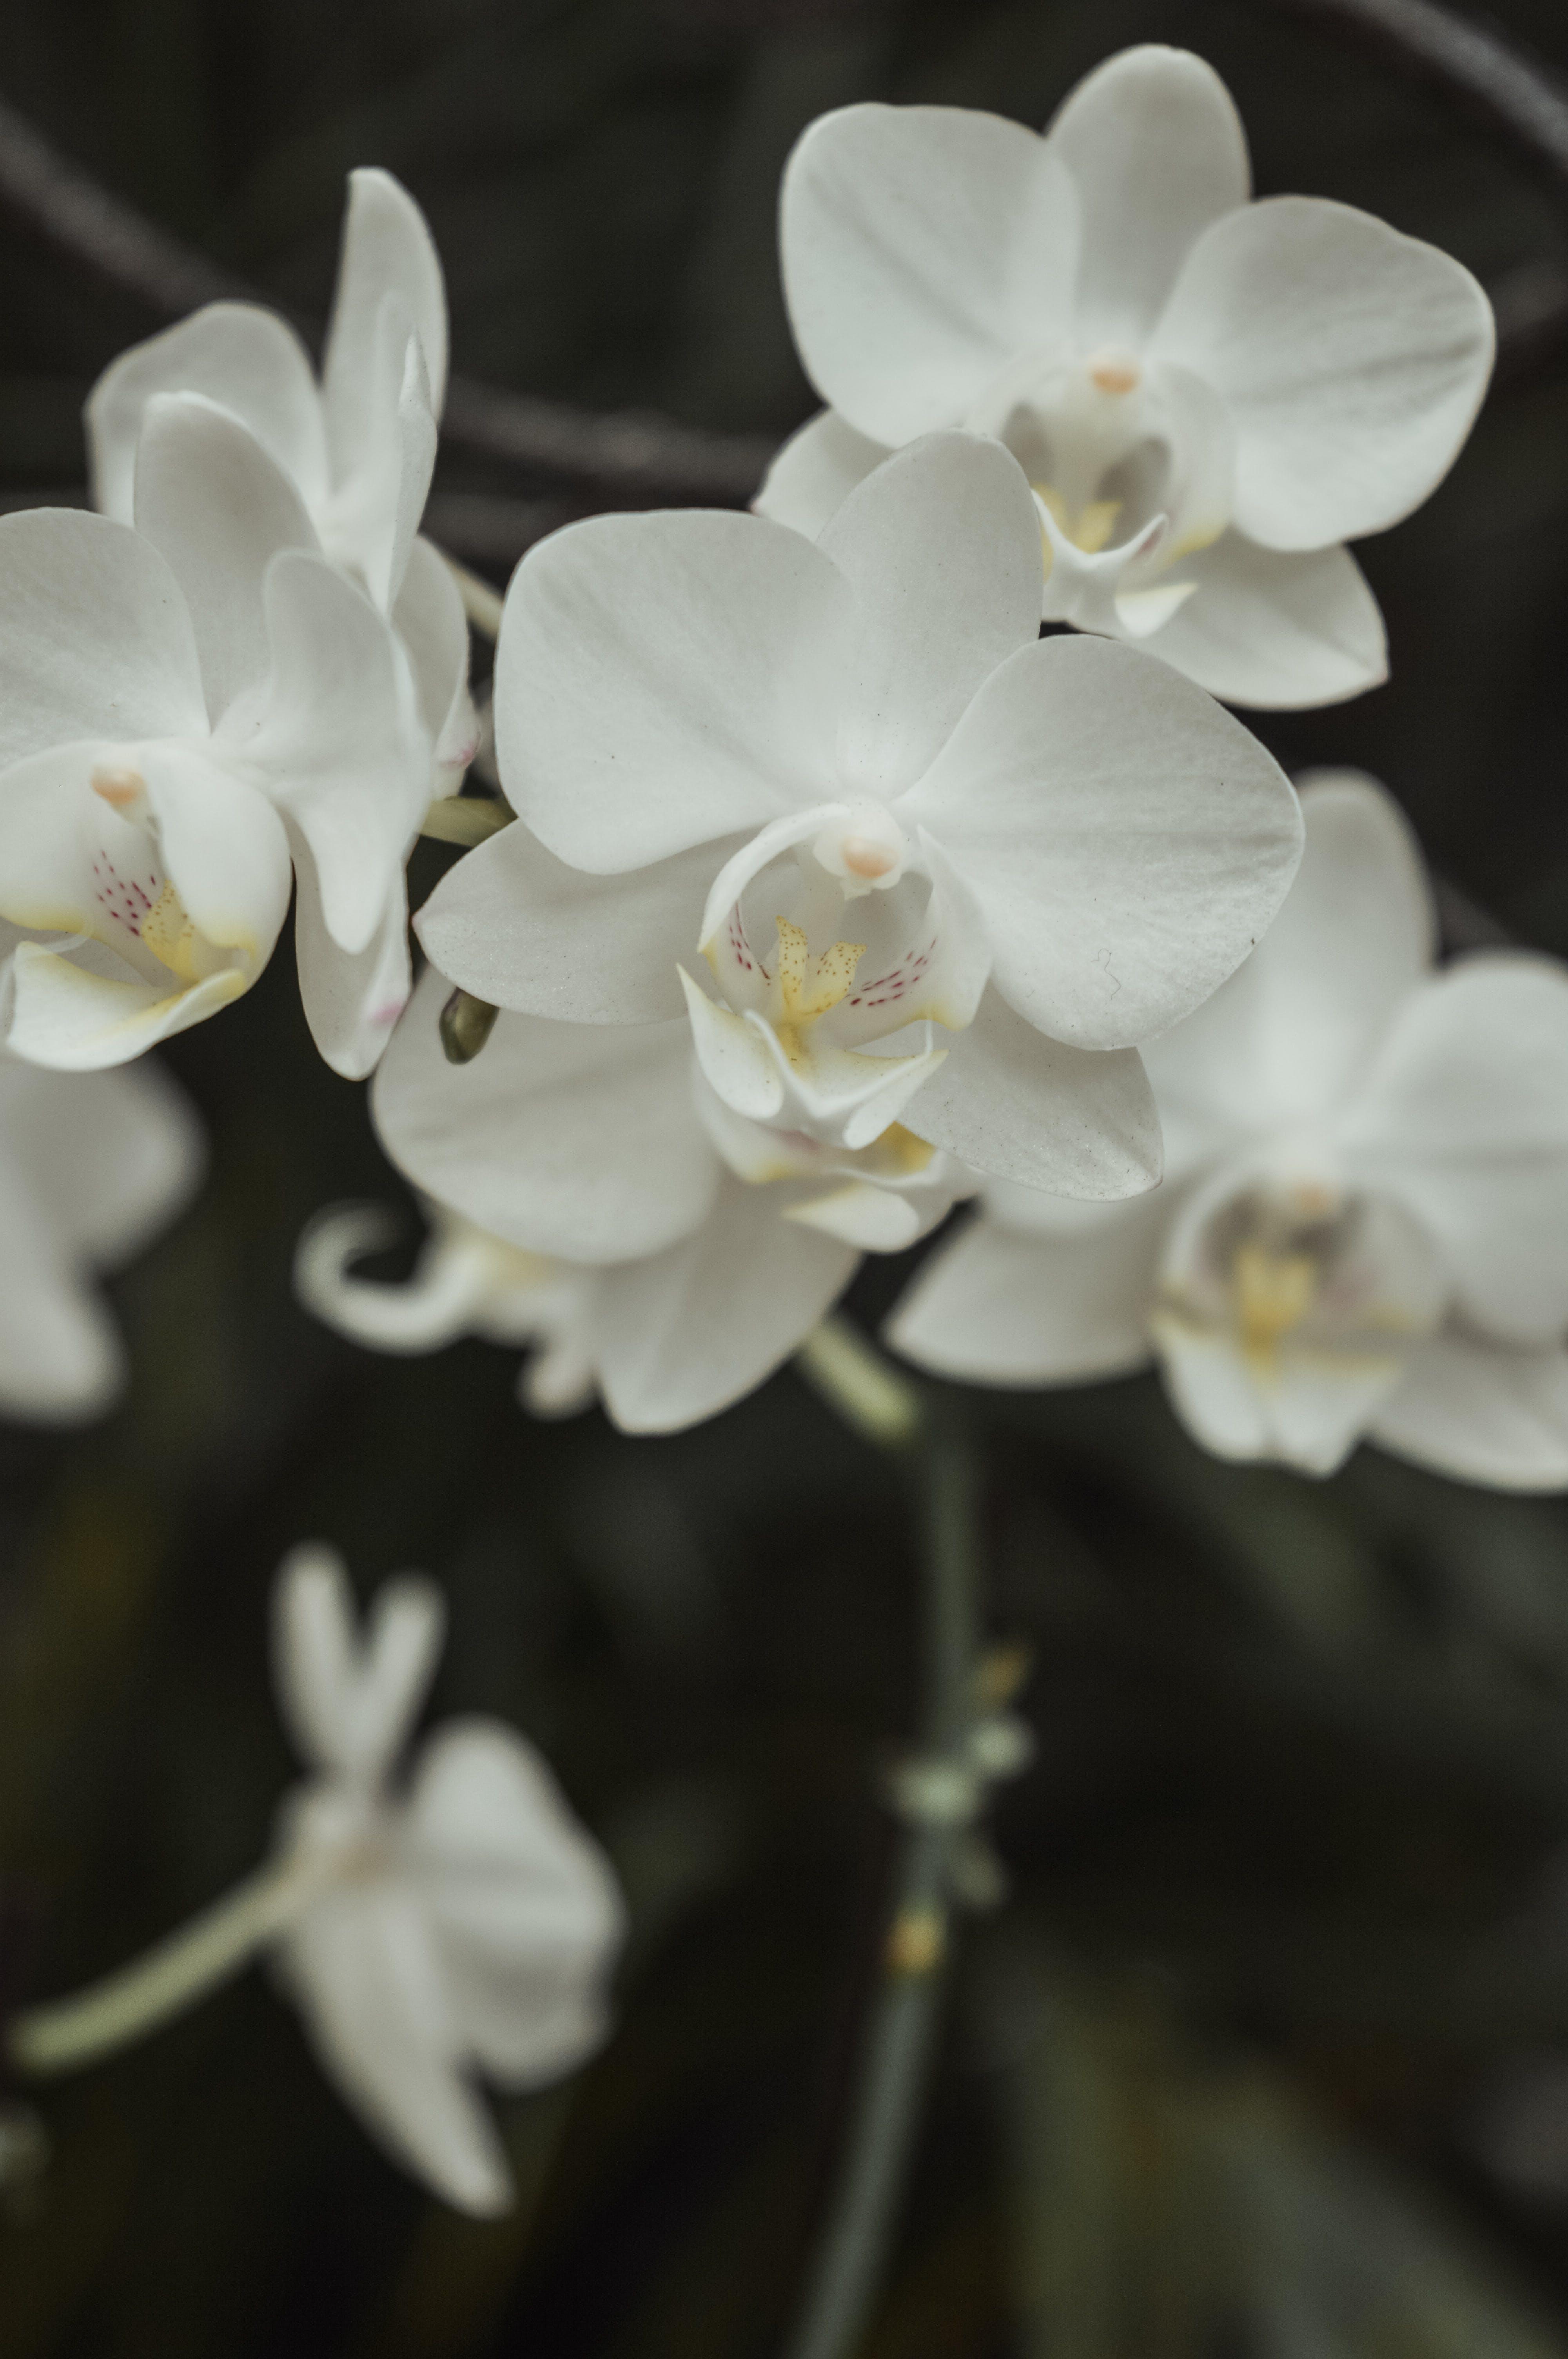 คลังภาพถ่ายฟรี ของ กล้วยไม้, กล้วยไม้สีขาว, ดอกไม้, ดอกไม้ฤดูใบไม้ผลิ